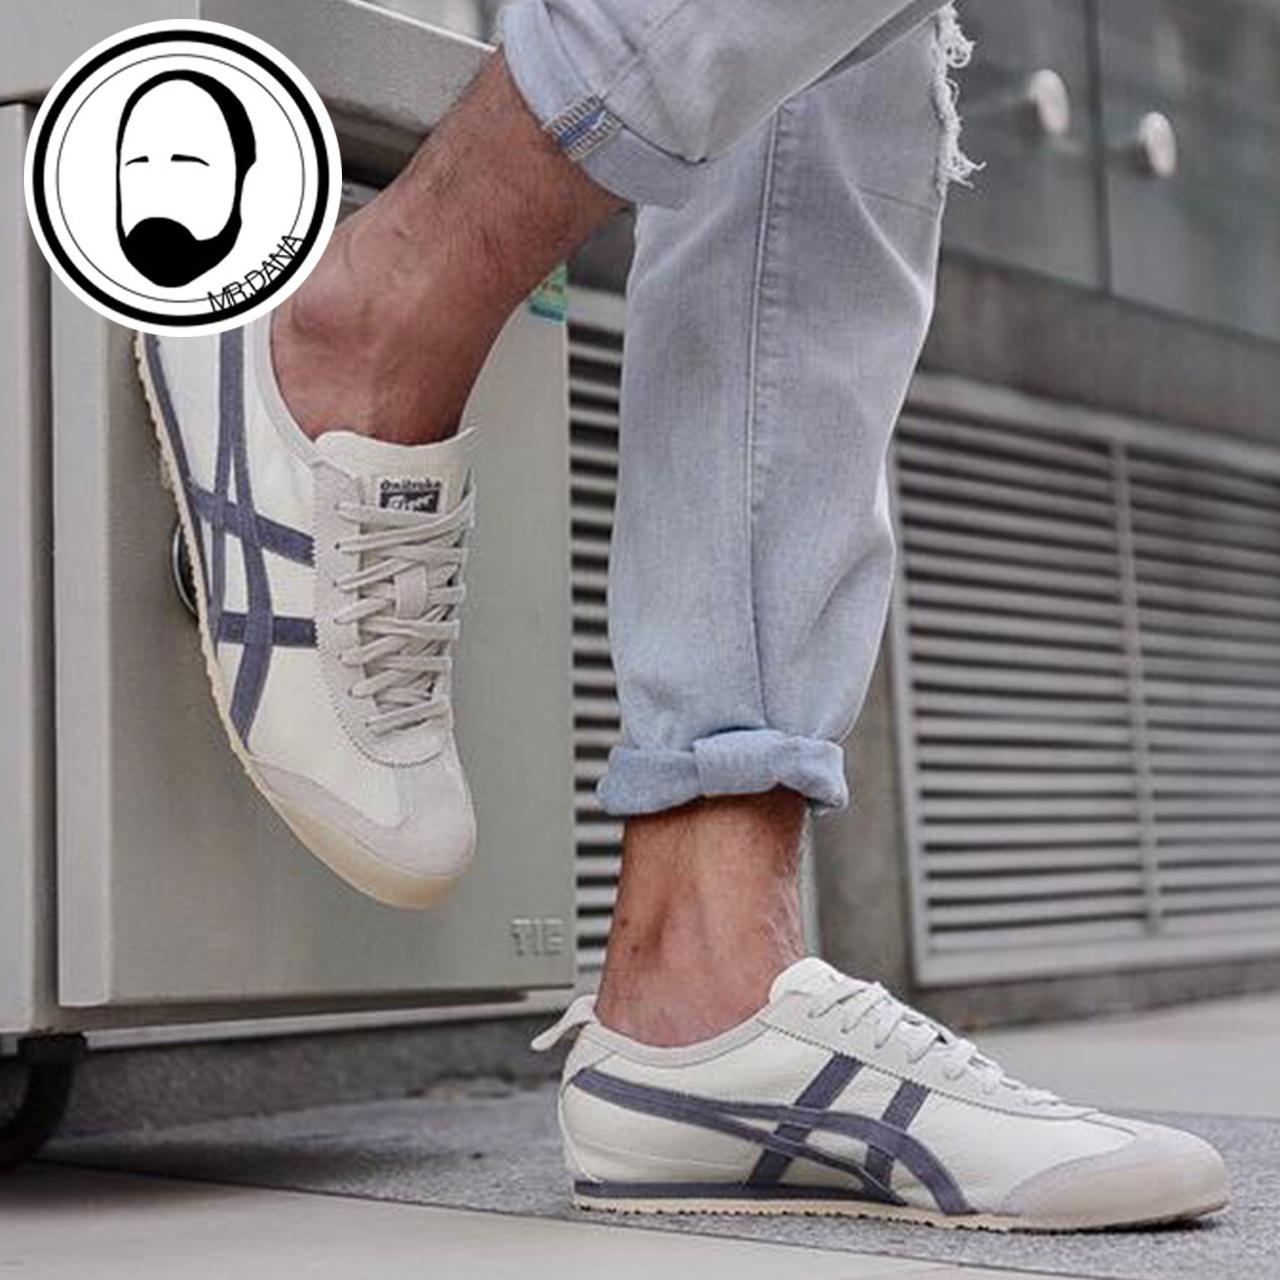 大拿 OnitsukaTiger/鬼冢虎MEXICO 66休闲板鞋男女鞋 D2J4L-0297